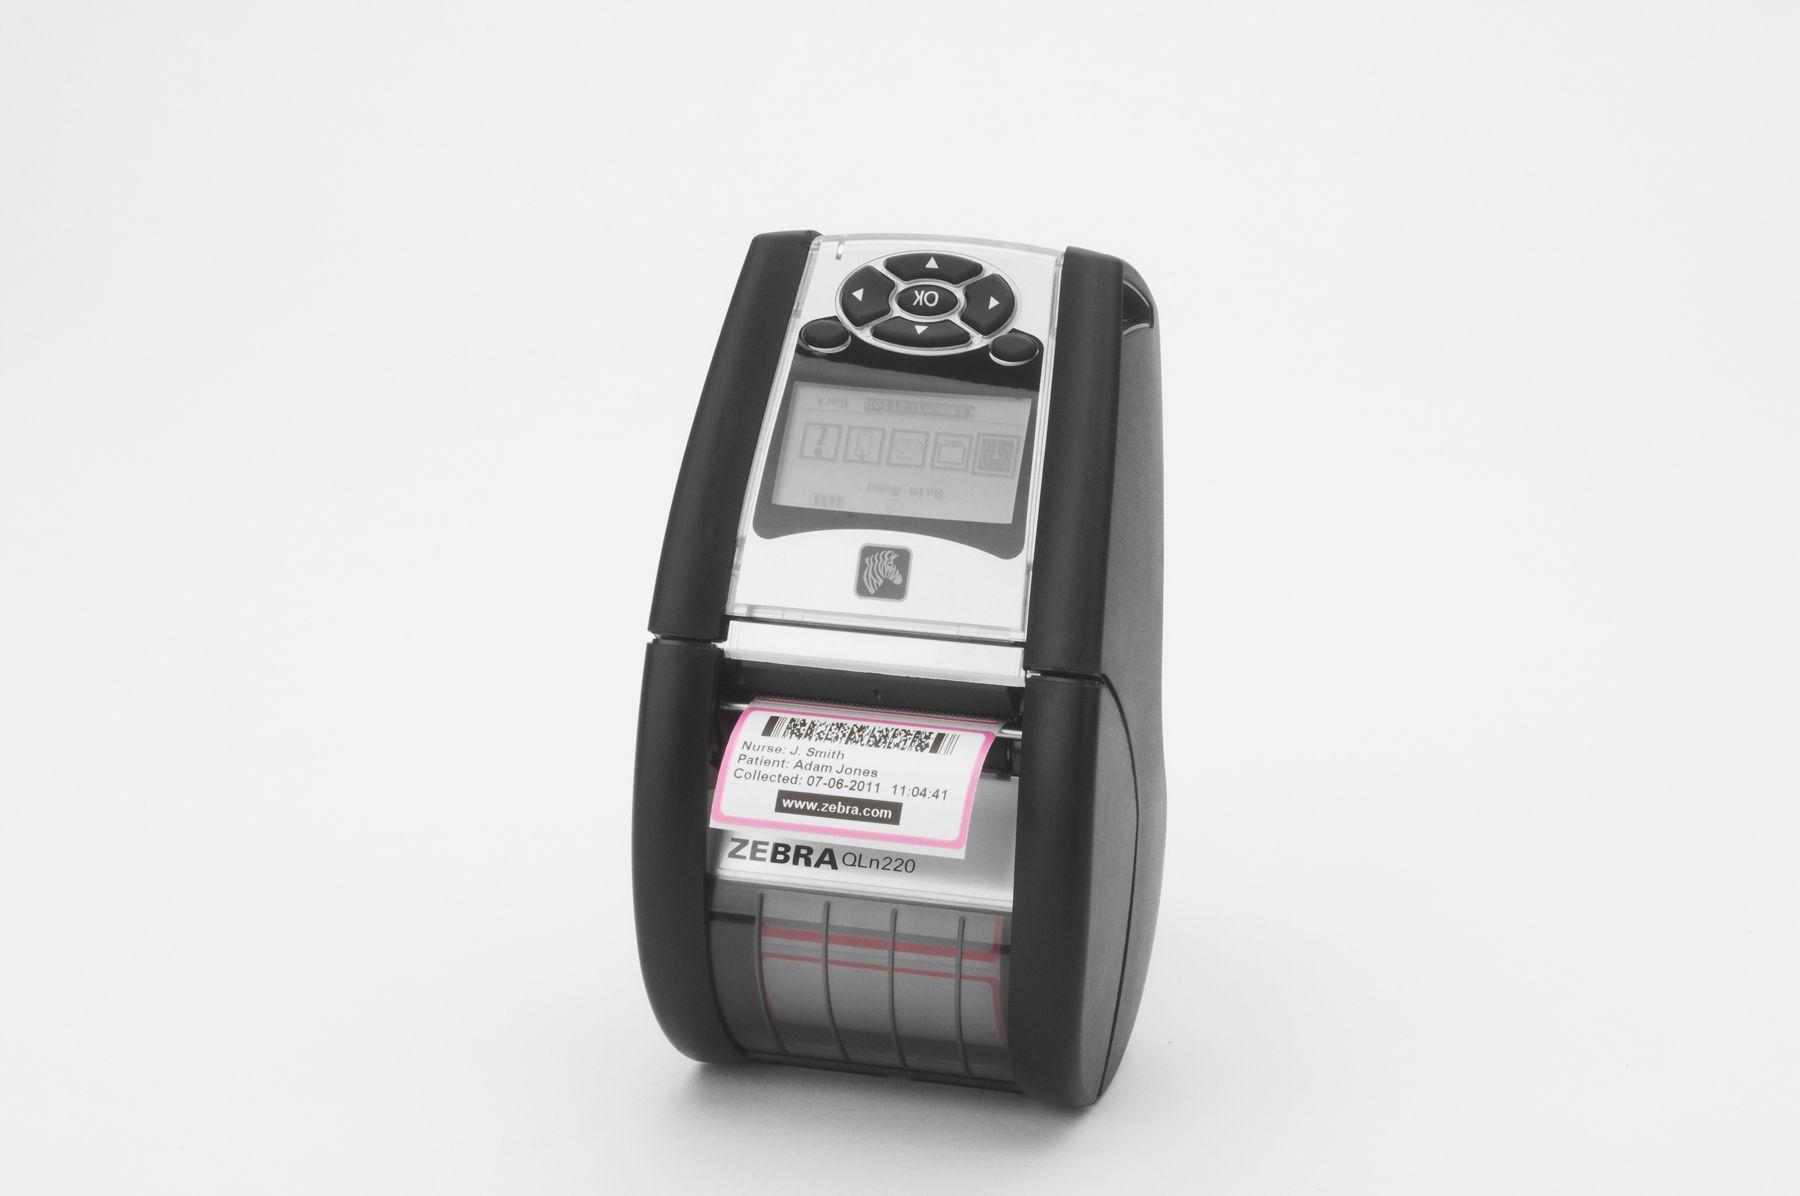 imprimante portable zebra qln220 qln320